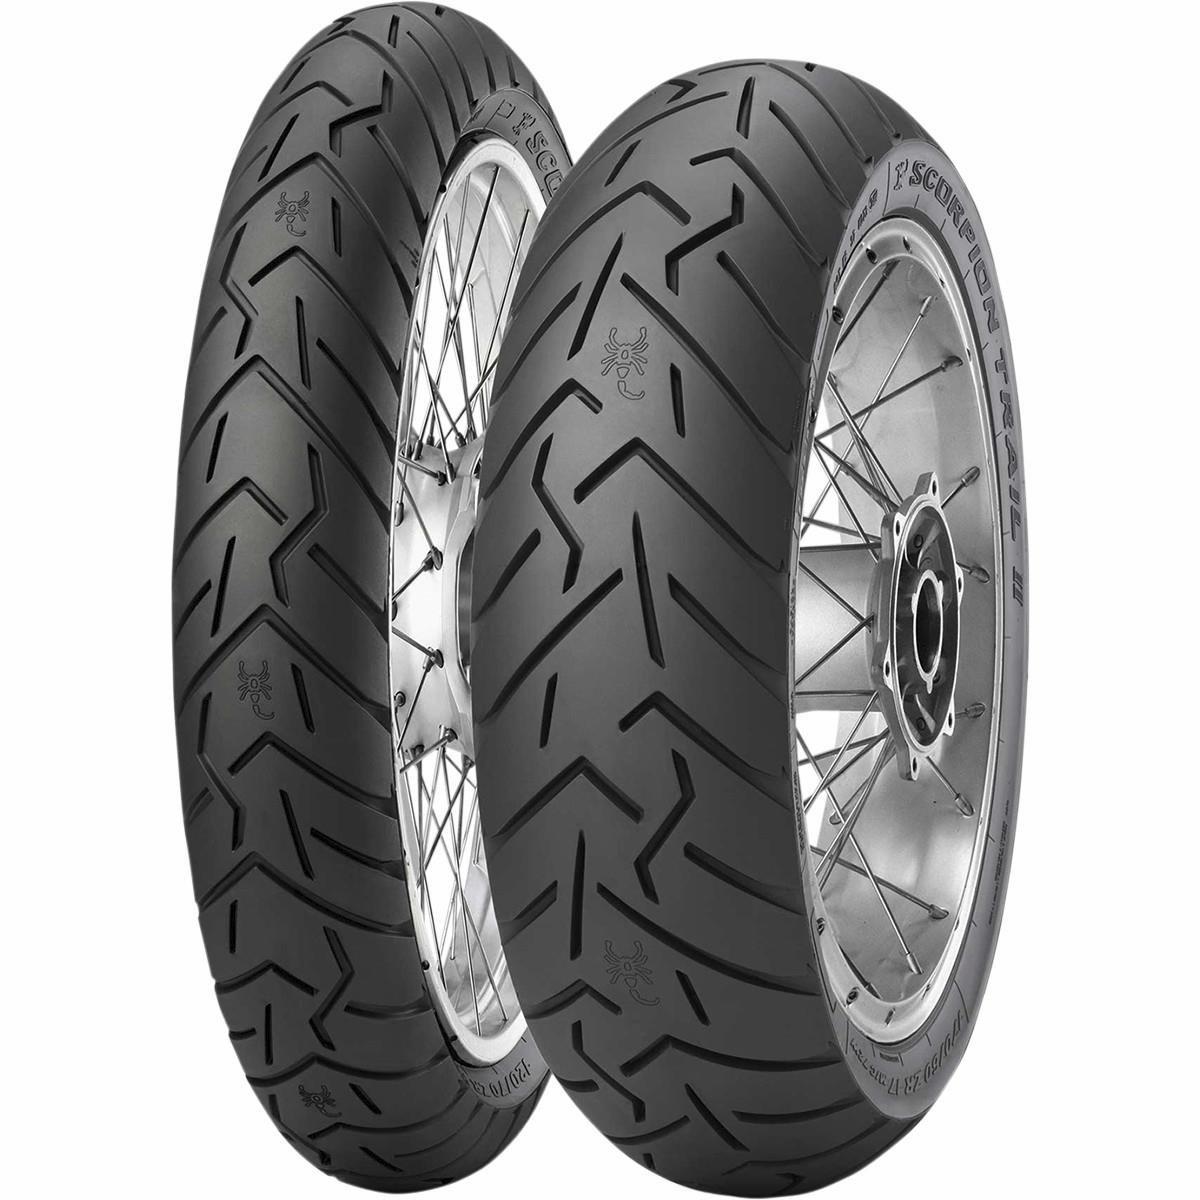 Pirelli Scorpion Trail II Dual Sport Front Tire - 120/70ZR-19/Blackwall